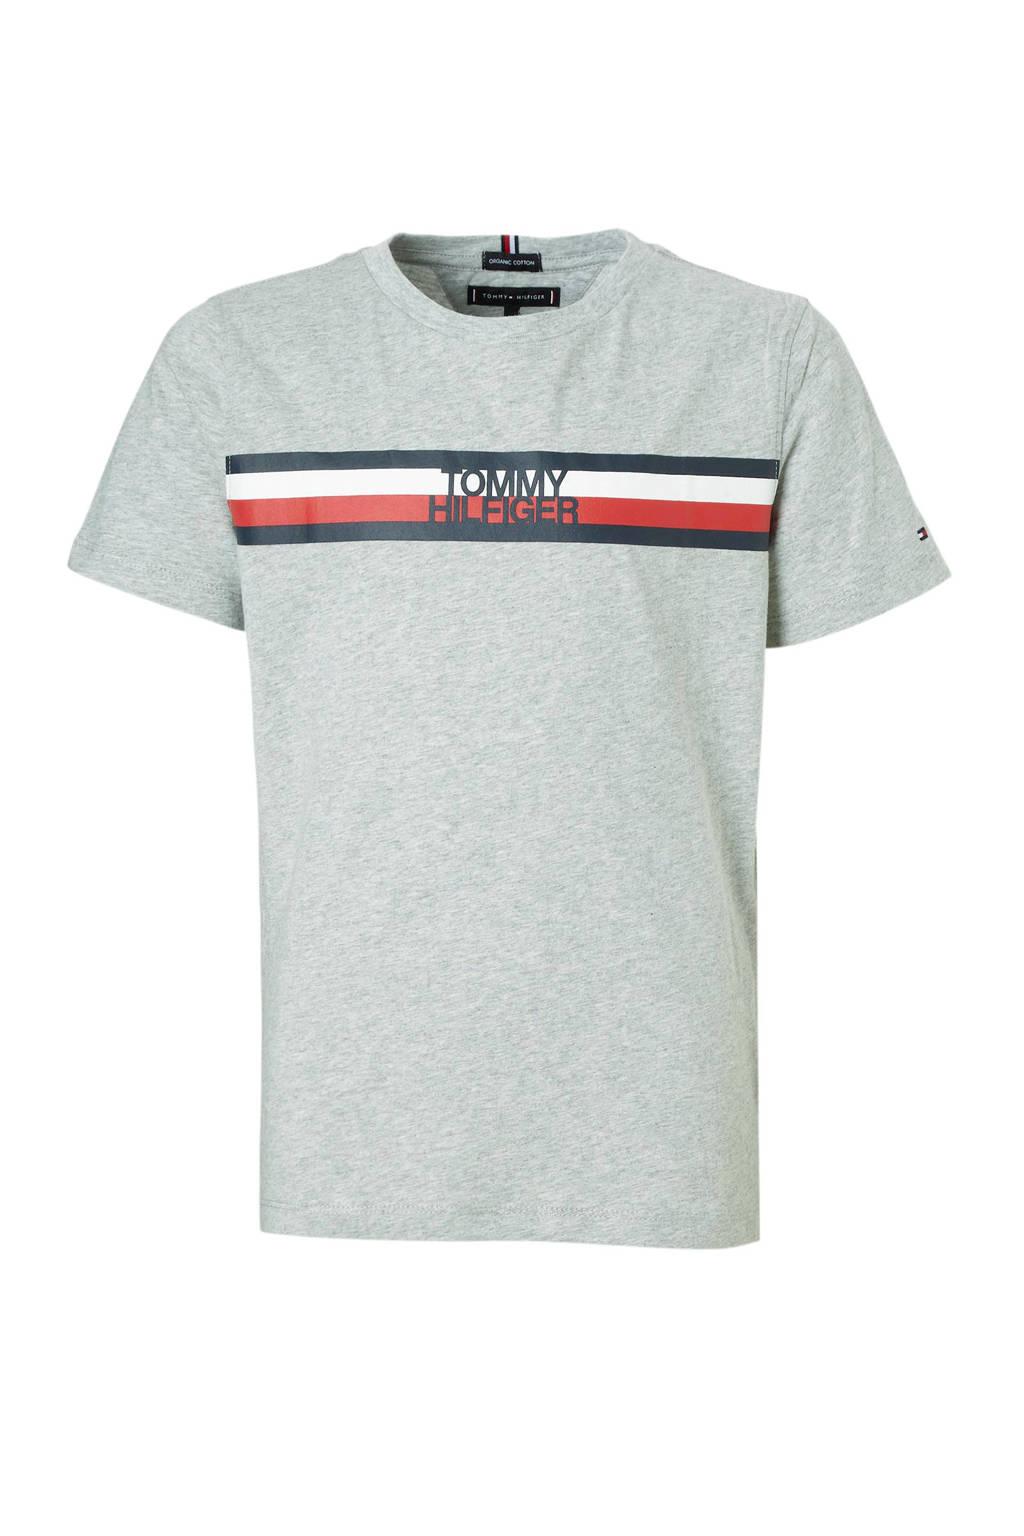 Tommy Hilfiger T-shirt met printopdruk grijs melange, Grijs melange